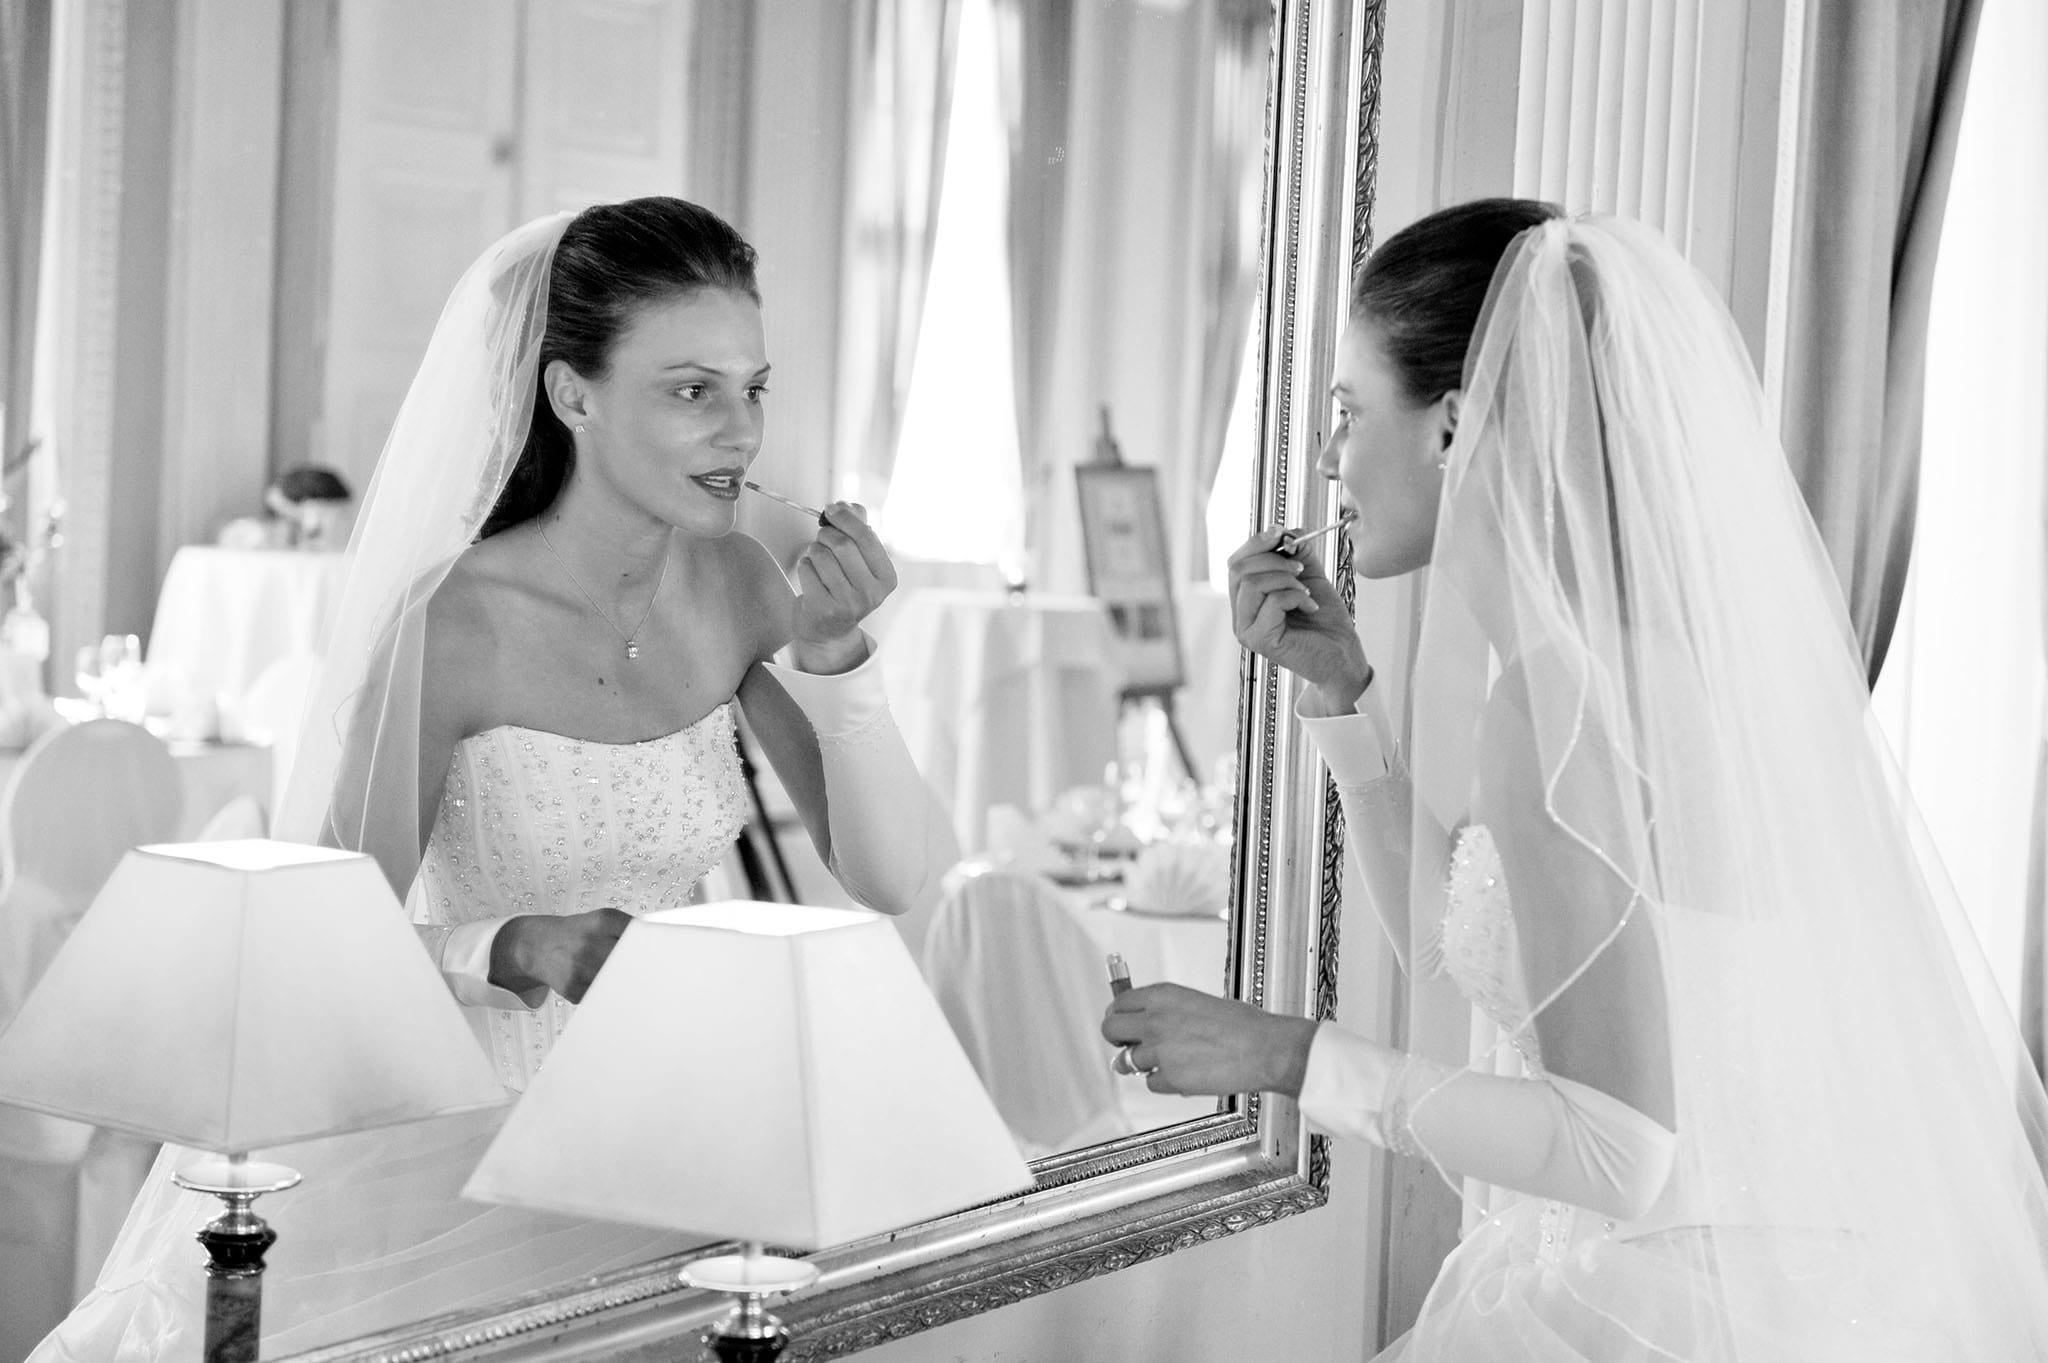 Hochzeit 037 Braut Hochzeit heiraten schminken Hochzeitsfoto Hochzeitsfotografie Daniel Fuss Fotografie